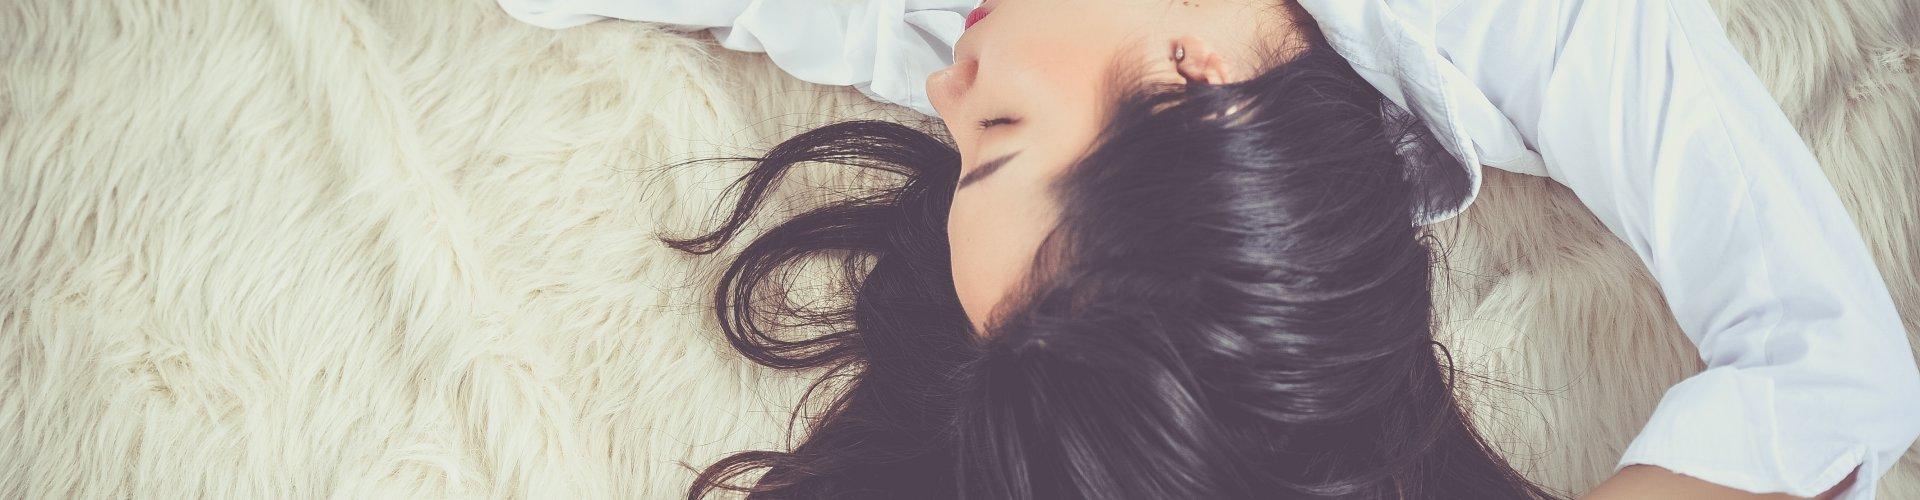 Śpisz dłużej, płacisz mniej   min. 3 dni